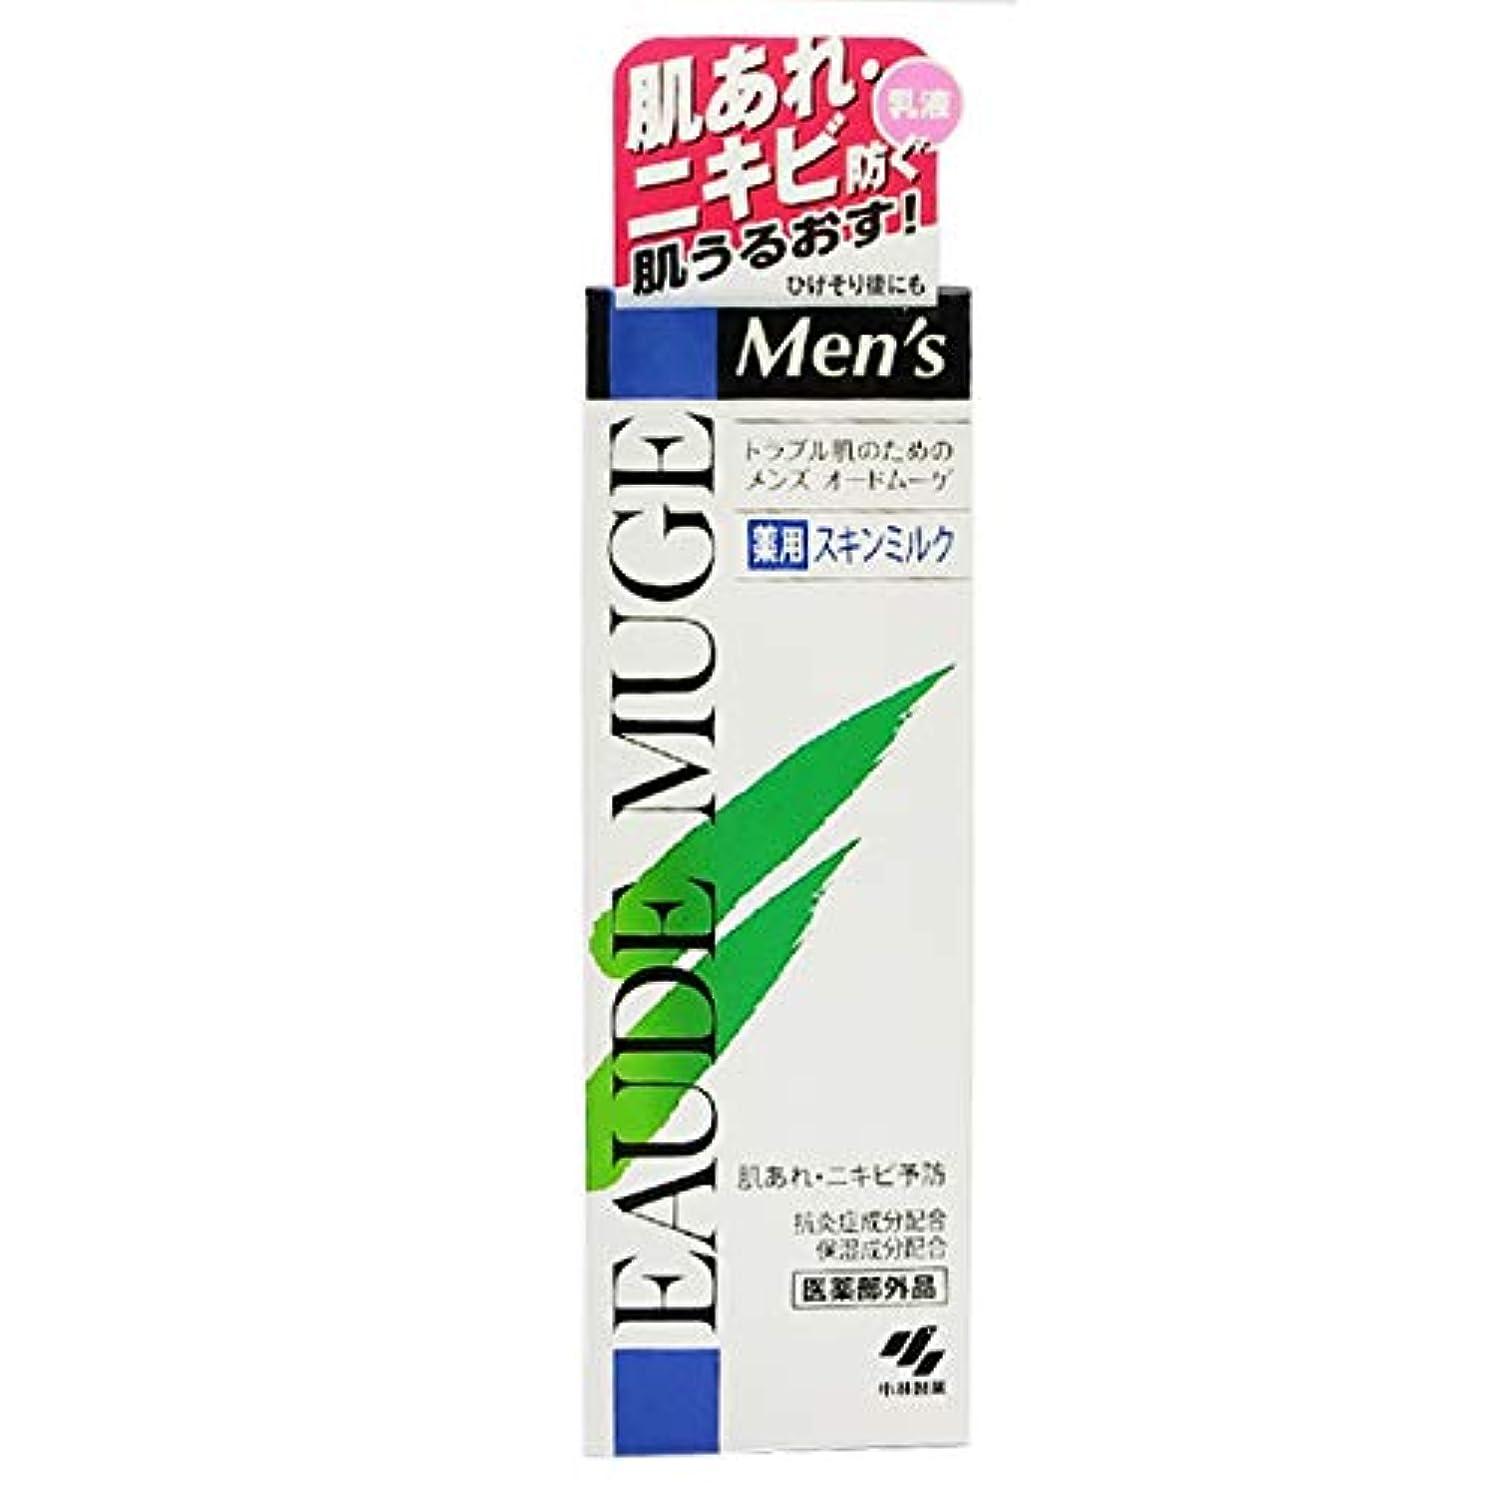 まばたき無条件代替メンズ オードムーゲ 薬用スキンミルク